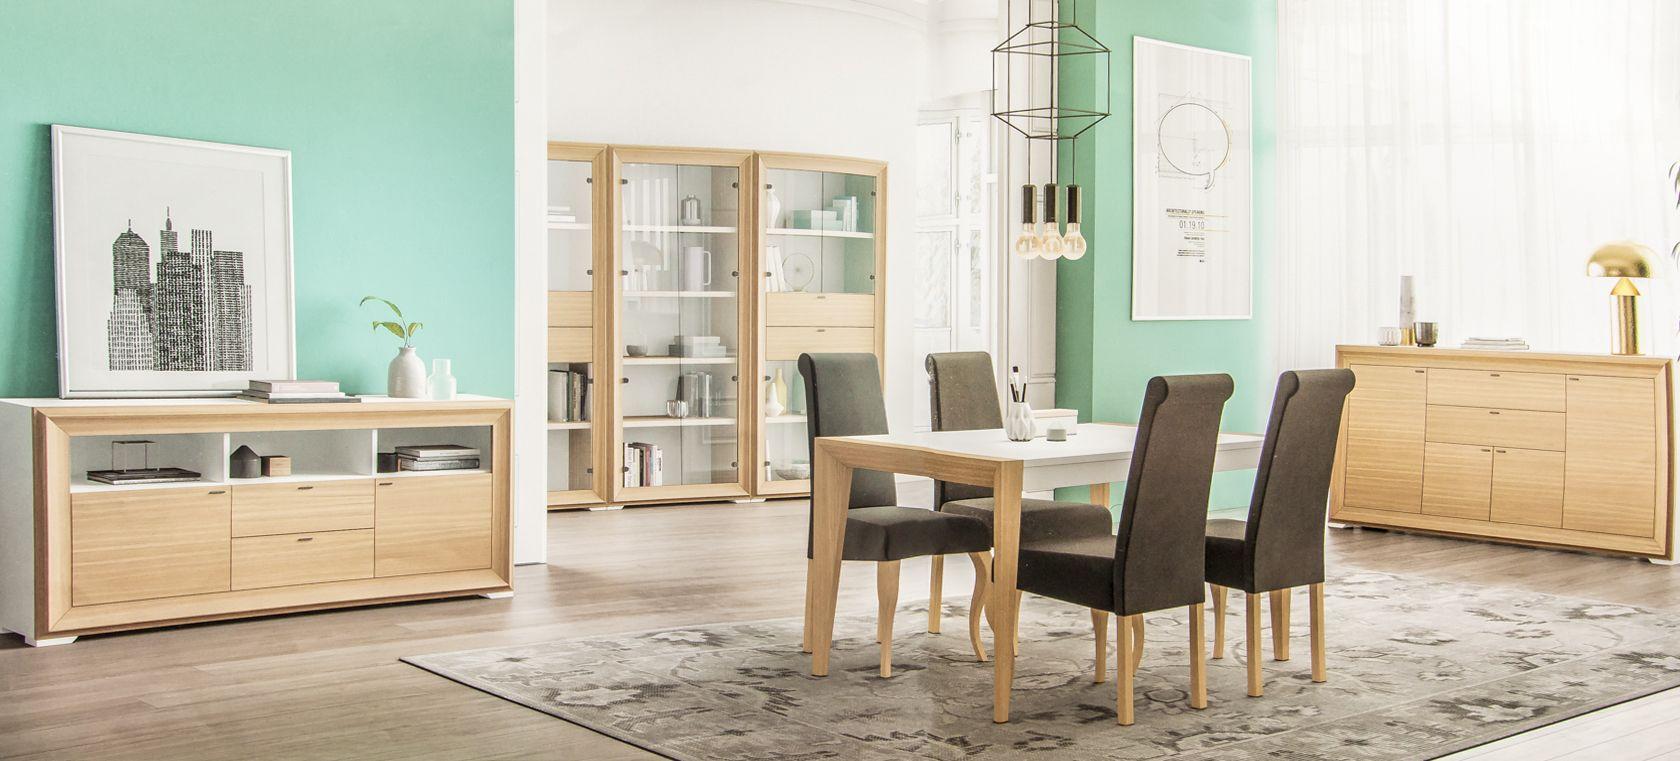 Tiendas de muebles con atención personalizada en Plasencia